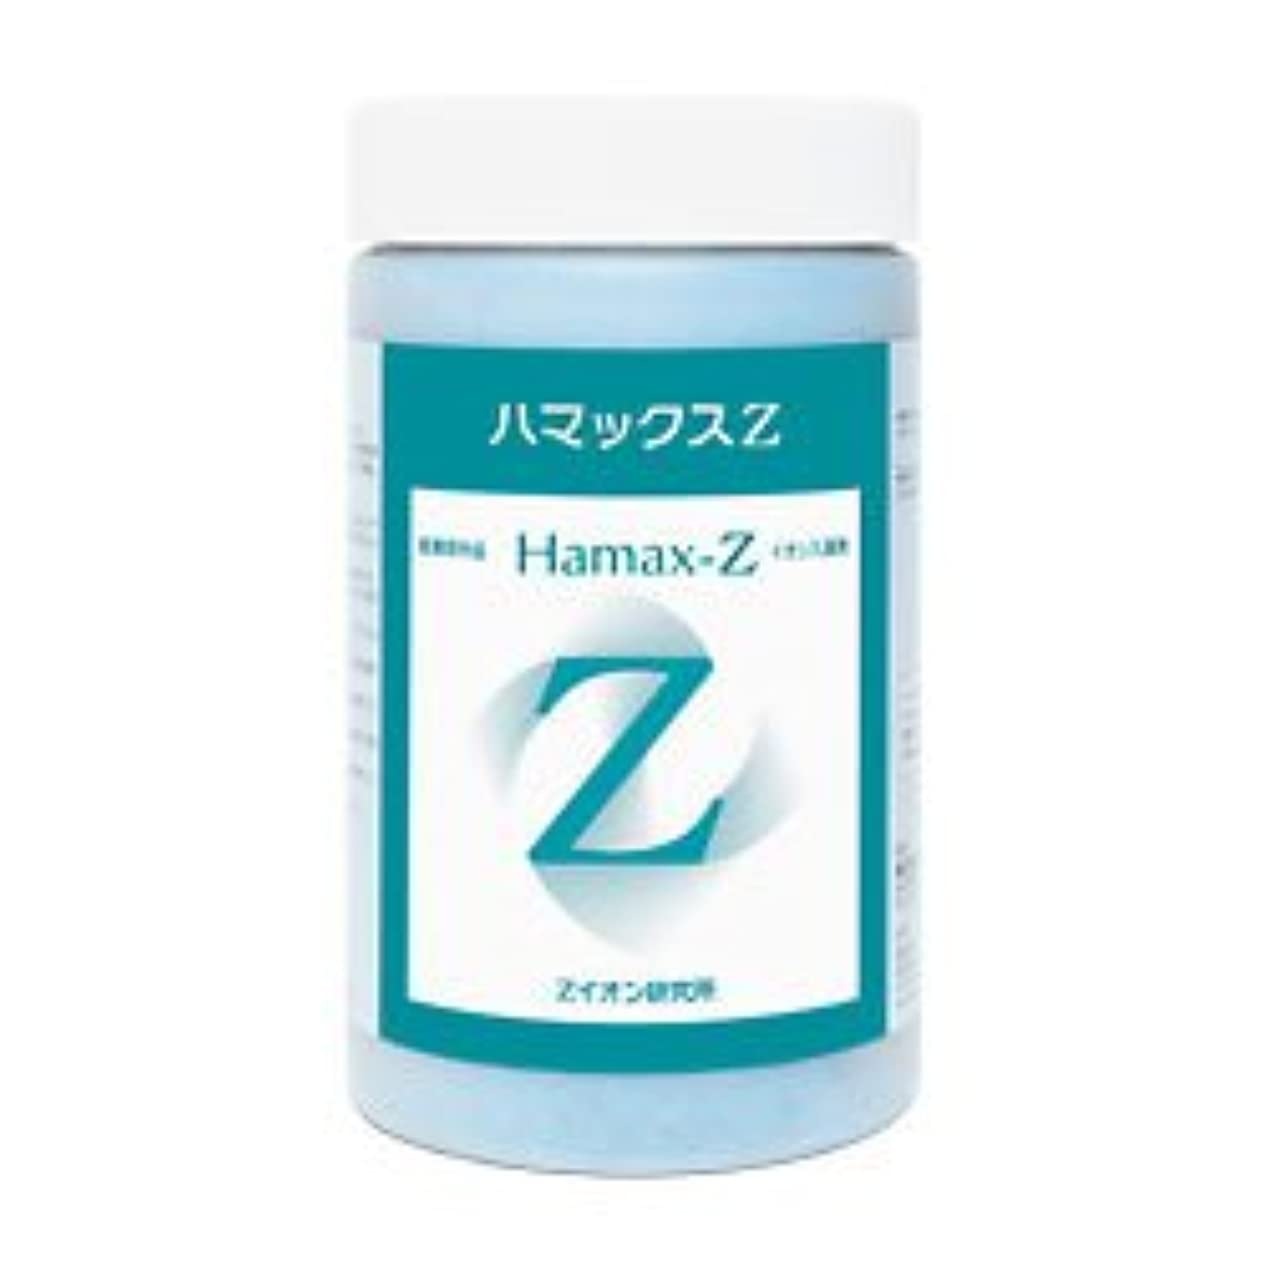 キウイ異常な瞑想的医薬部外品 イオン入湯剤ハマックスZ 700g